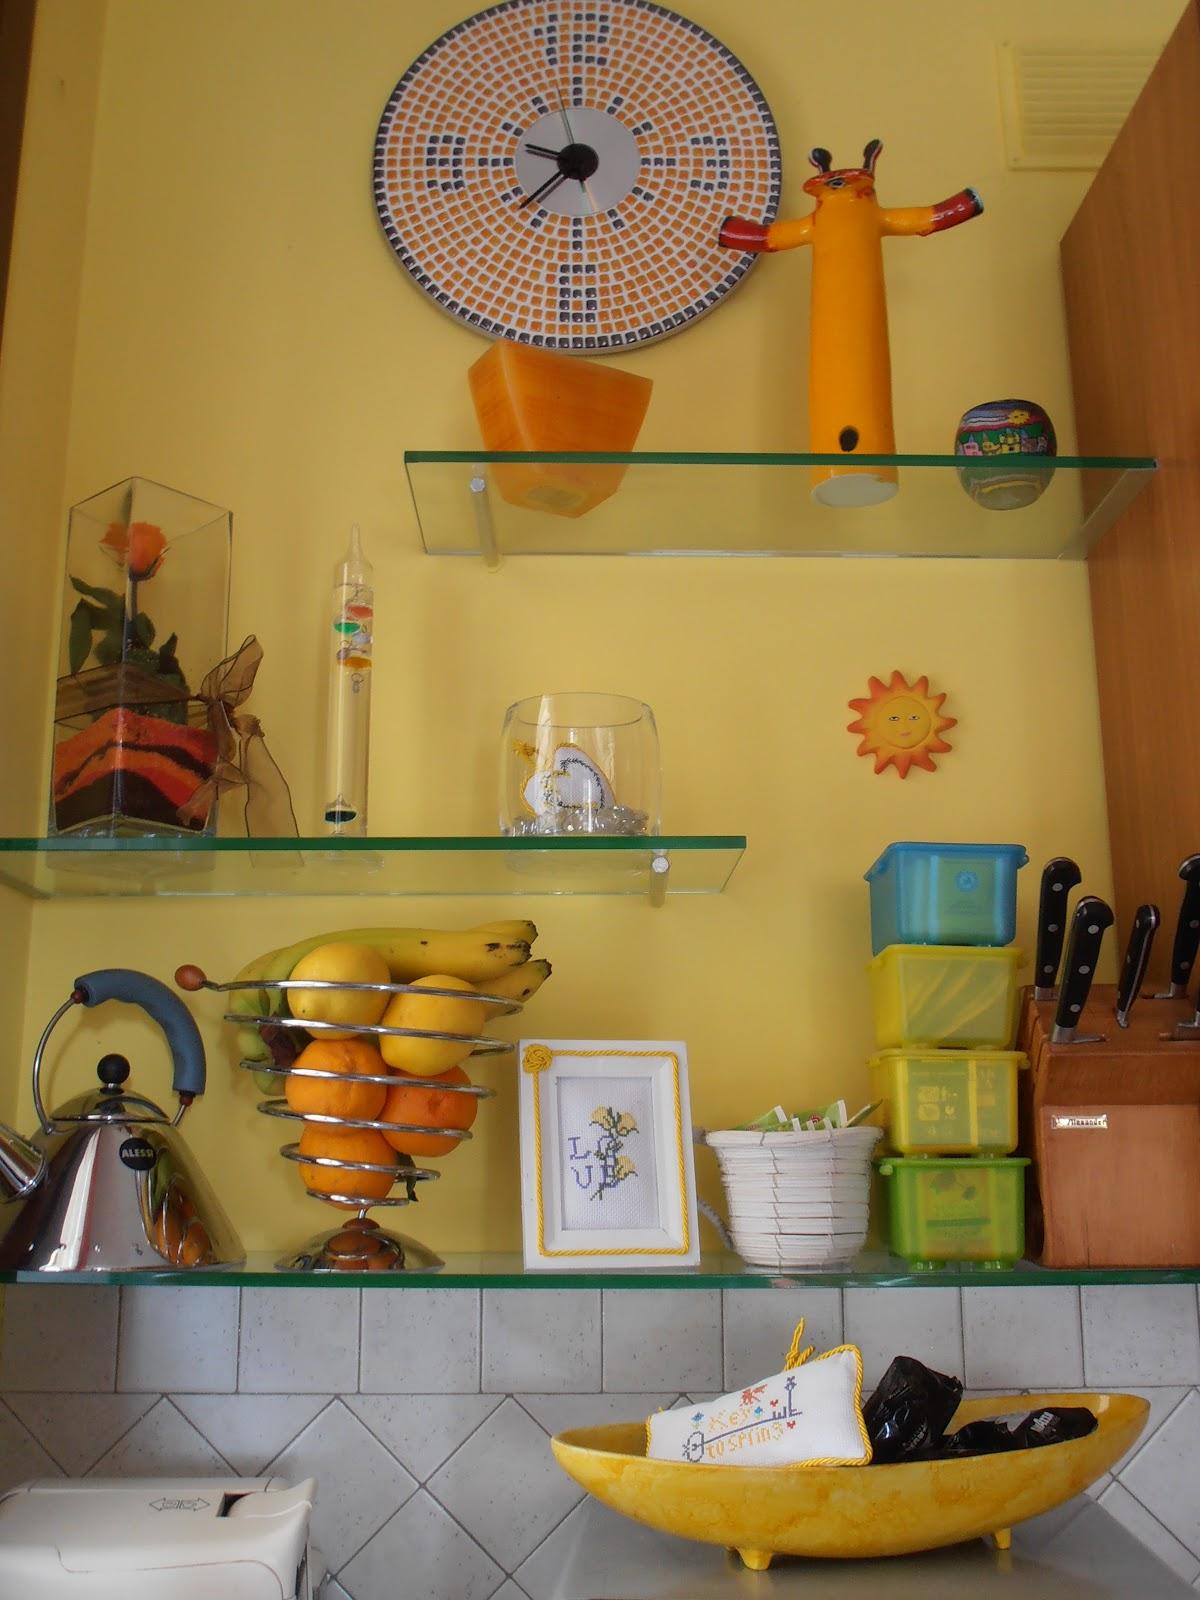 Semplicidee oggi rose e sole dalla mia cucina - Appunti dalla mia cucina ...